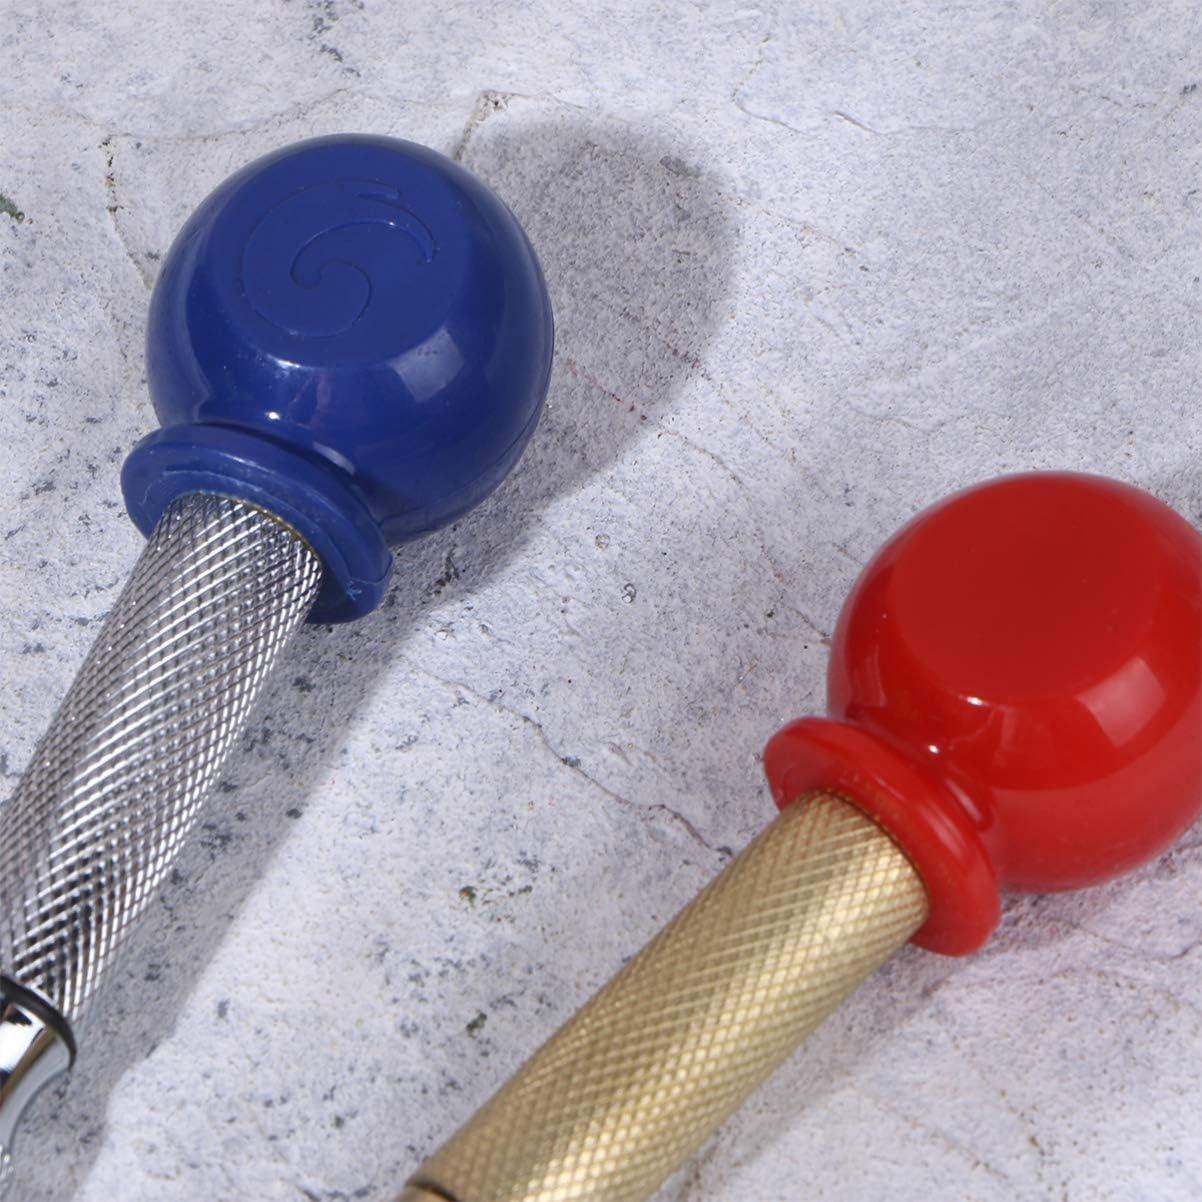 DOITOOL 2 Piezas Punz/ón Central Autom/ático de 5 pulgadas Punta de trazar para metal de punzon automatico con tapa acolchada e impacto ajustable para metal o madera